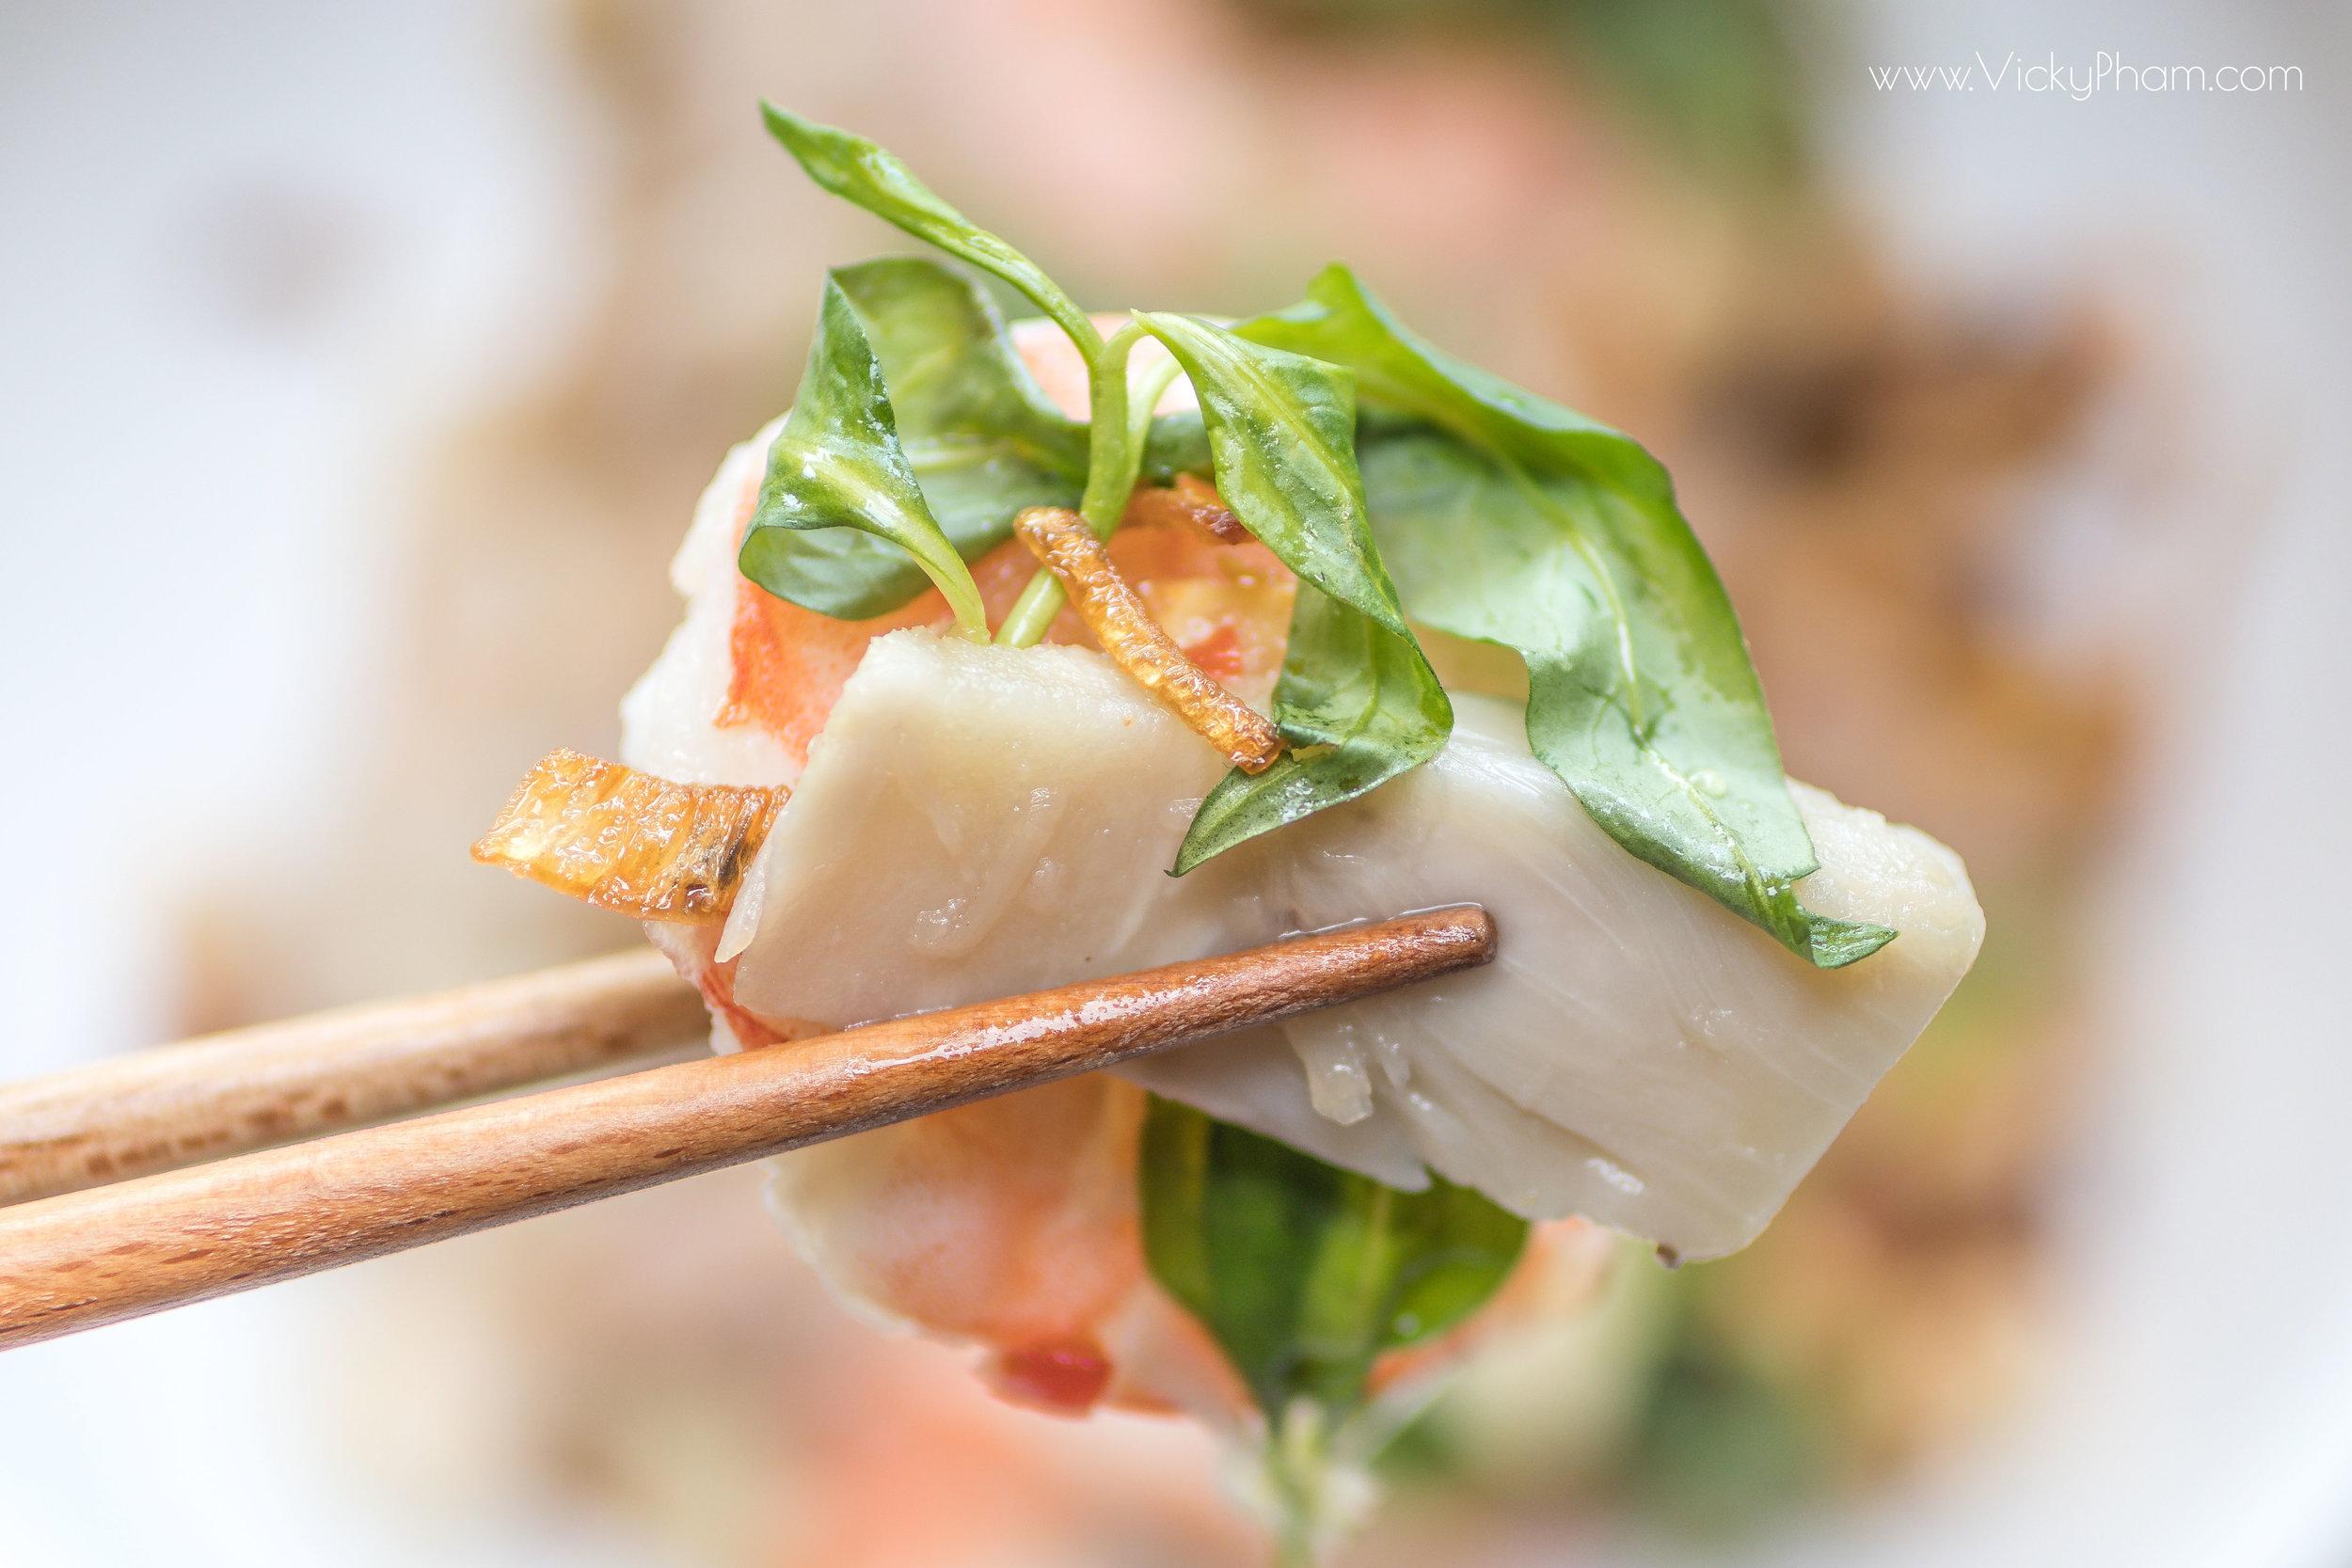 Gỏi Mít Non Tôm (Vietnamese Young Jackfruit and Shrimp Salad)